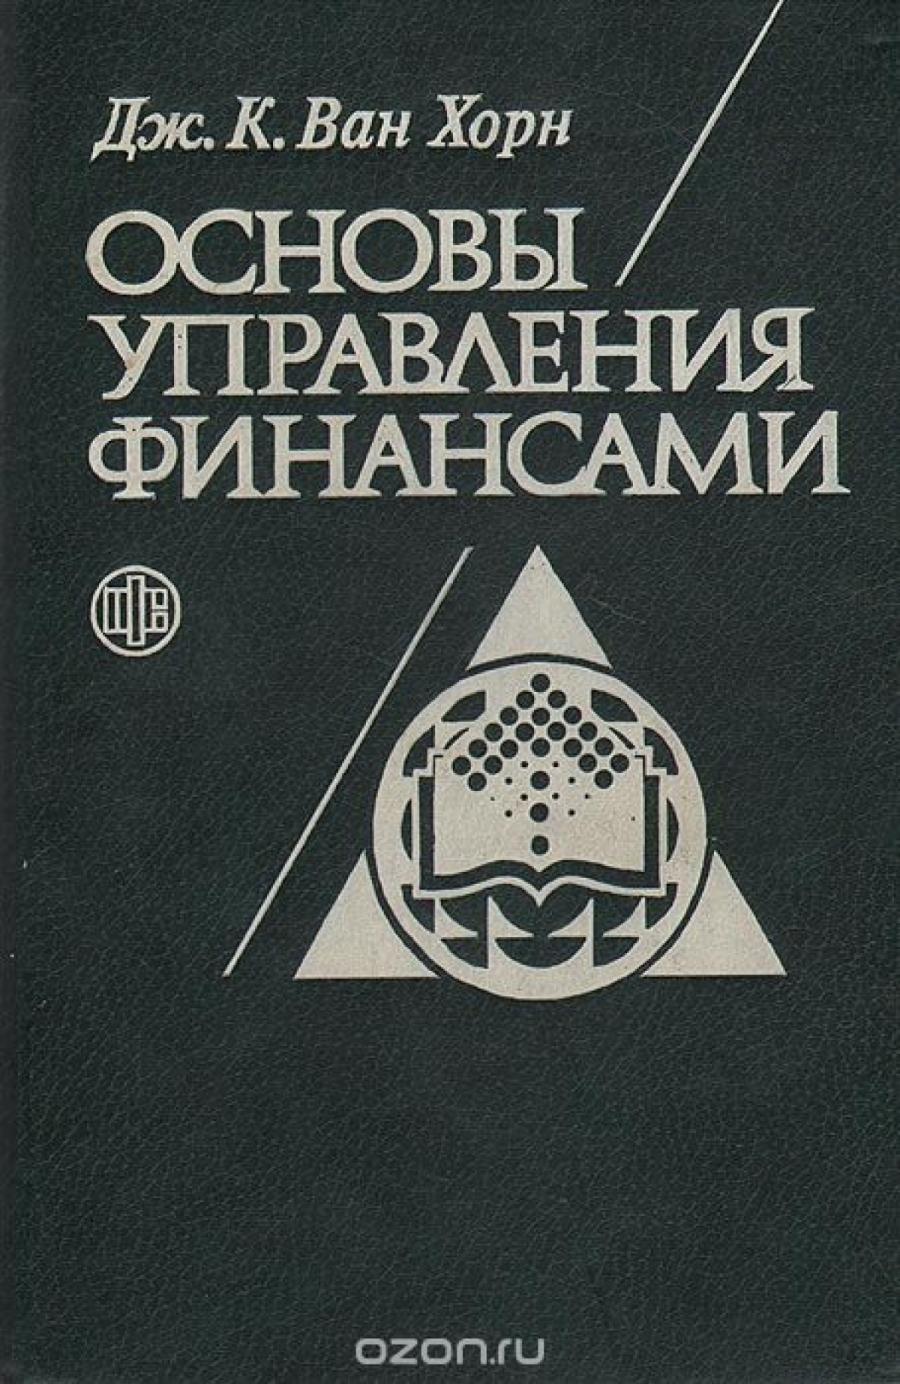 Обложка книги:  ван хорн дж.к. - основы управления финансами